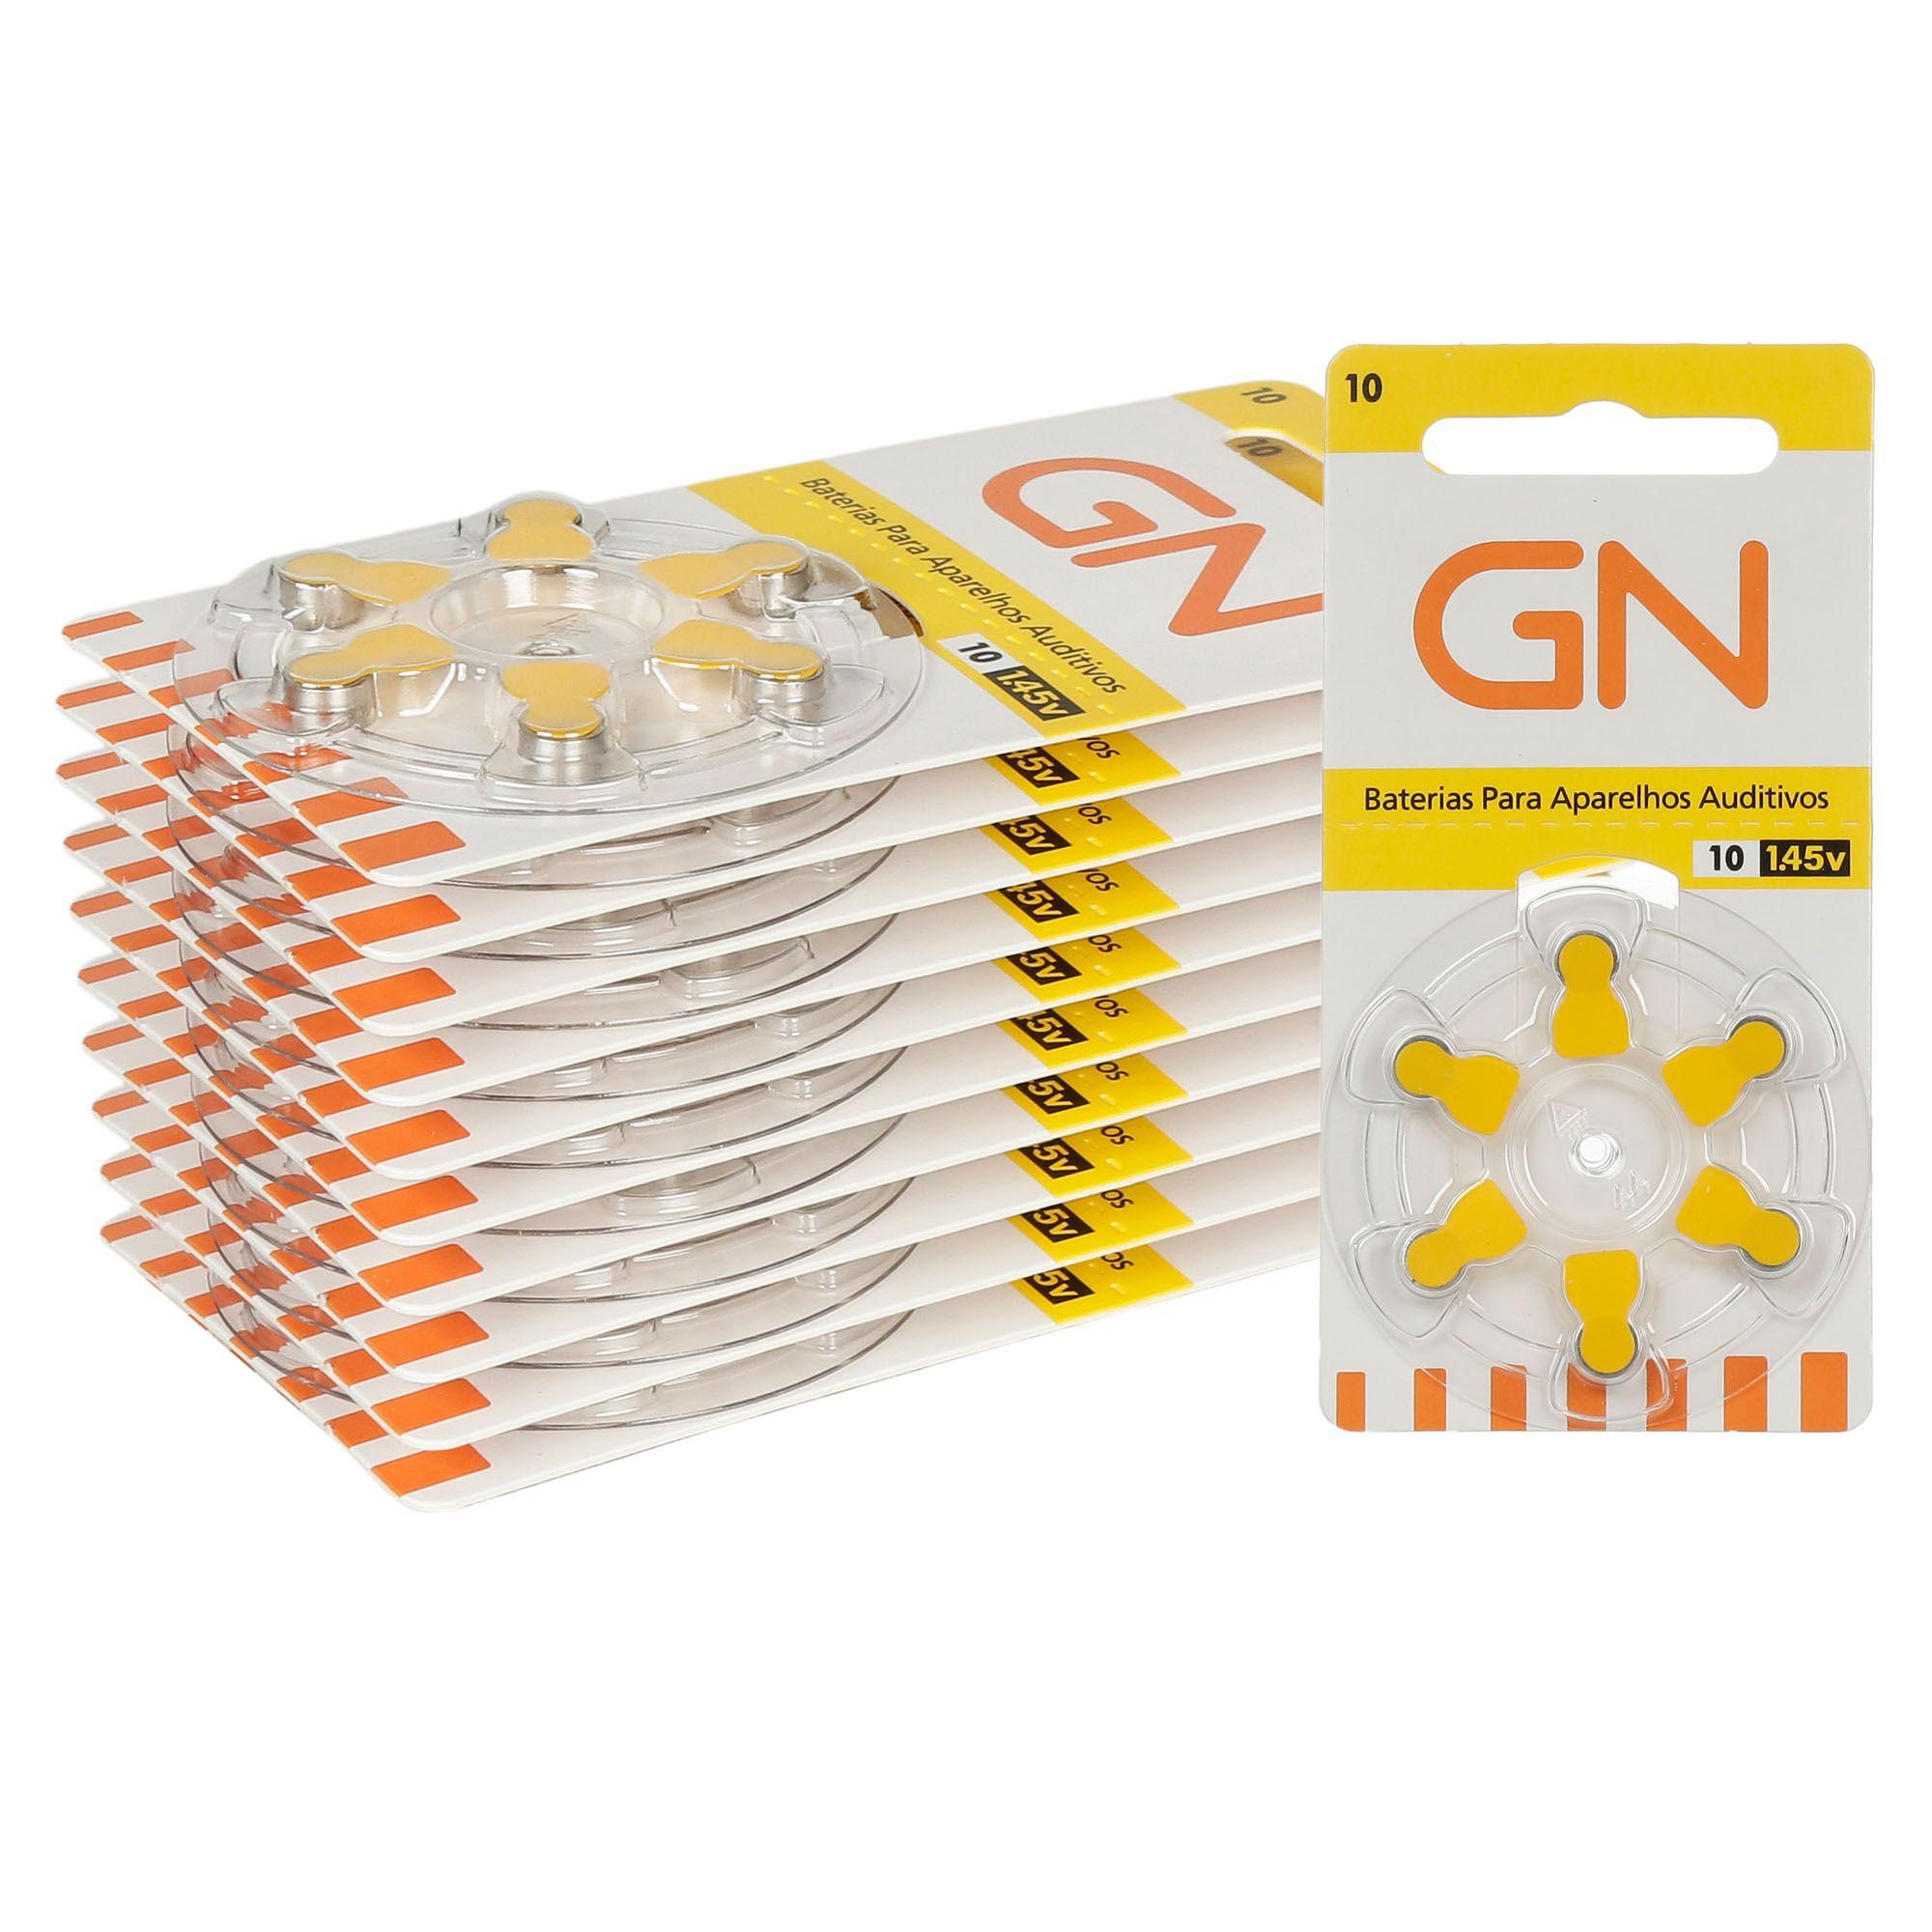 GN RESOUND 10 / PR70 - 10 Cartelas - 60 Baterias para Aparelho Auditivo  - SONORA